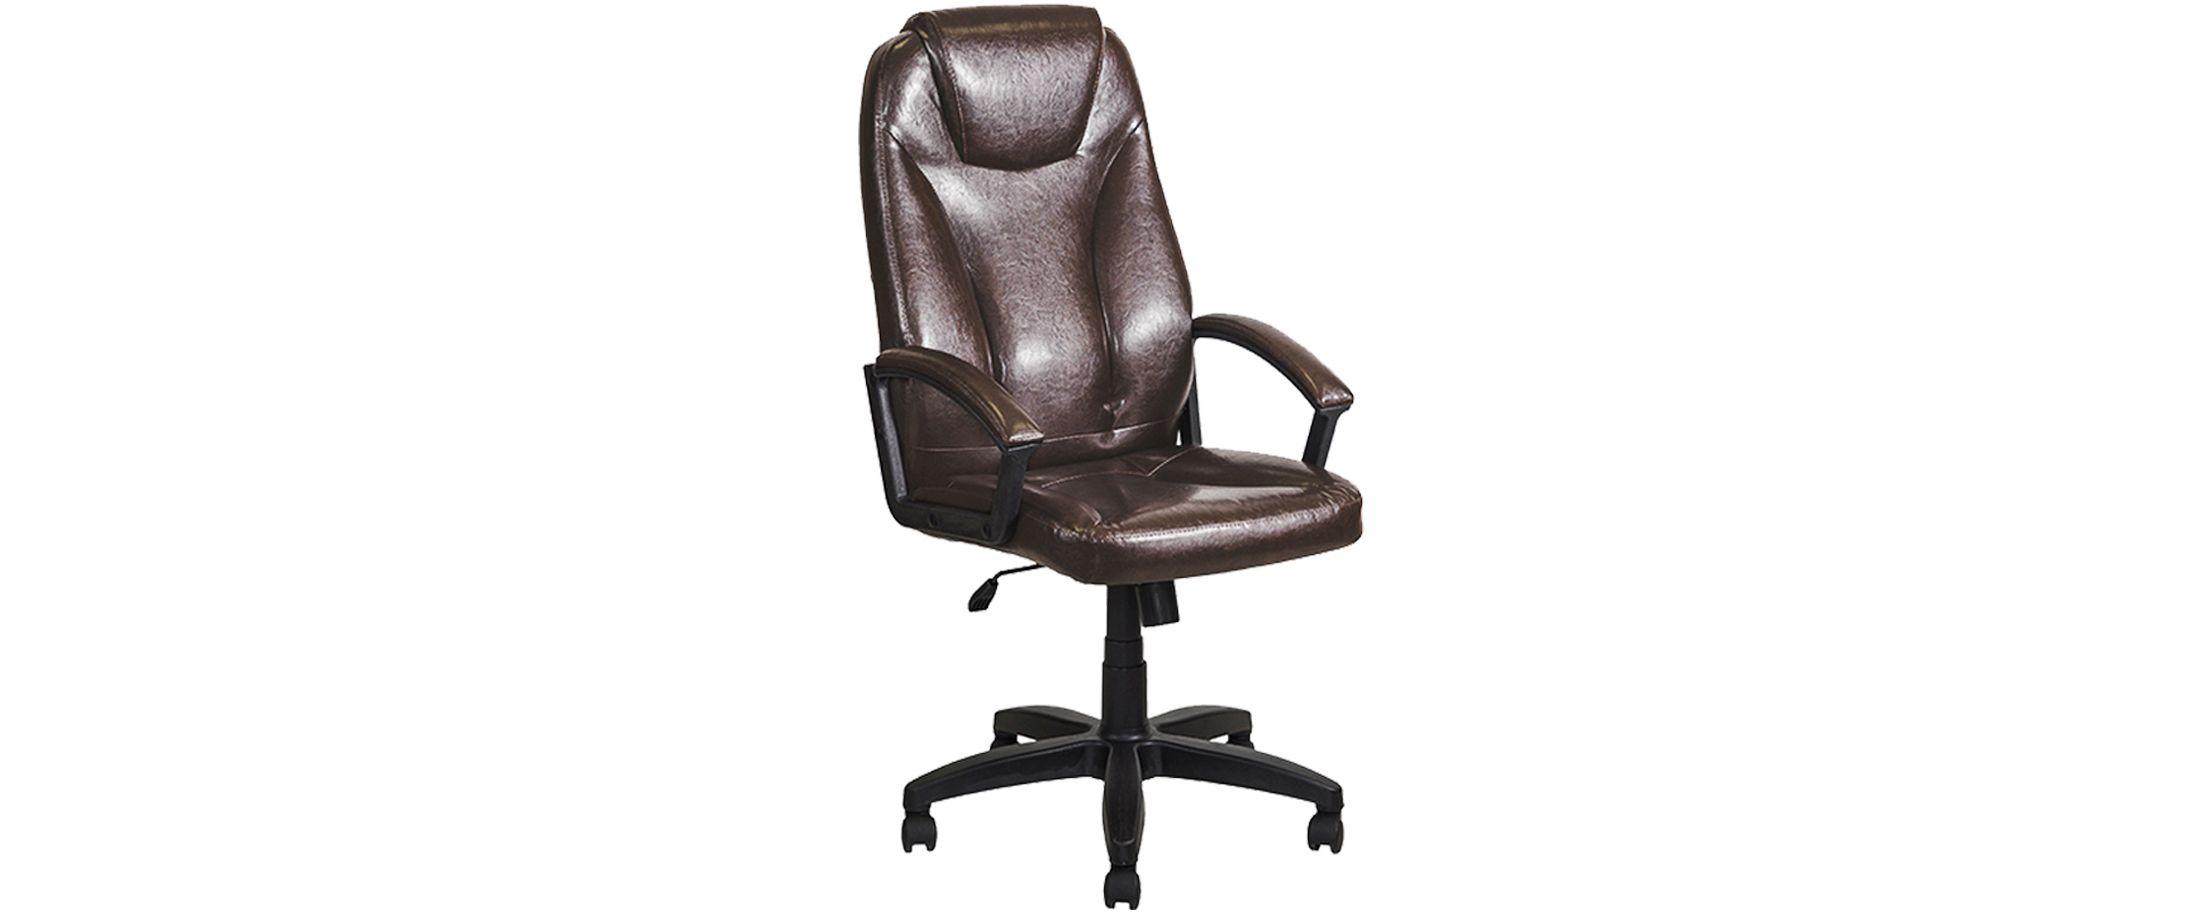 Кресло офисное AV 115 из экокожи цвет шоколад Модель 999Кресло офисное AV 115 из экокожи цвет шоколад Модель 999. Артикул Д000687<br><br>Ширина см: 50<br>Глубина см: 64<br>Высота см: 130<br>Цвет: Коричневый